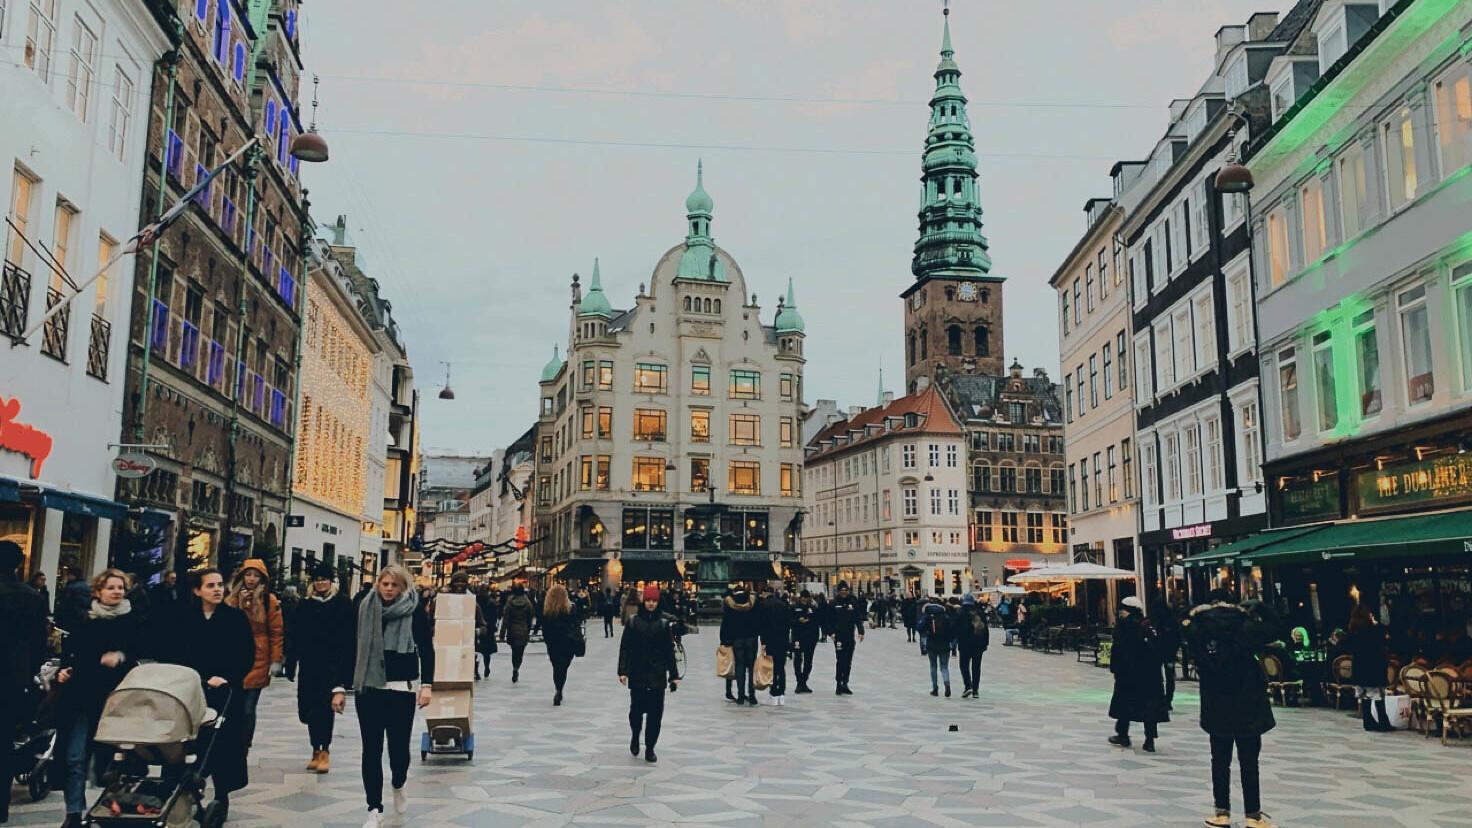 191114-15 - Köpenhamn